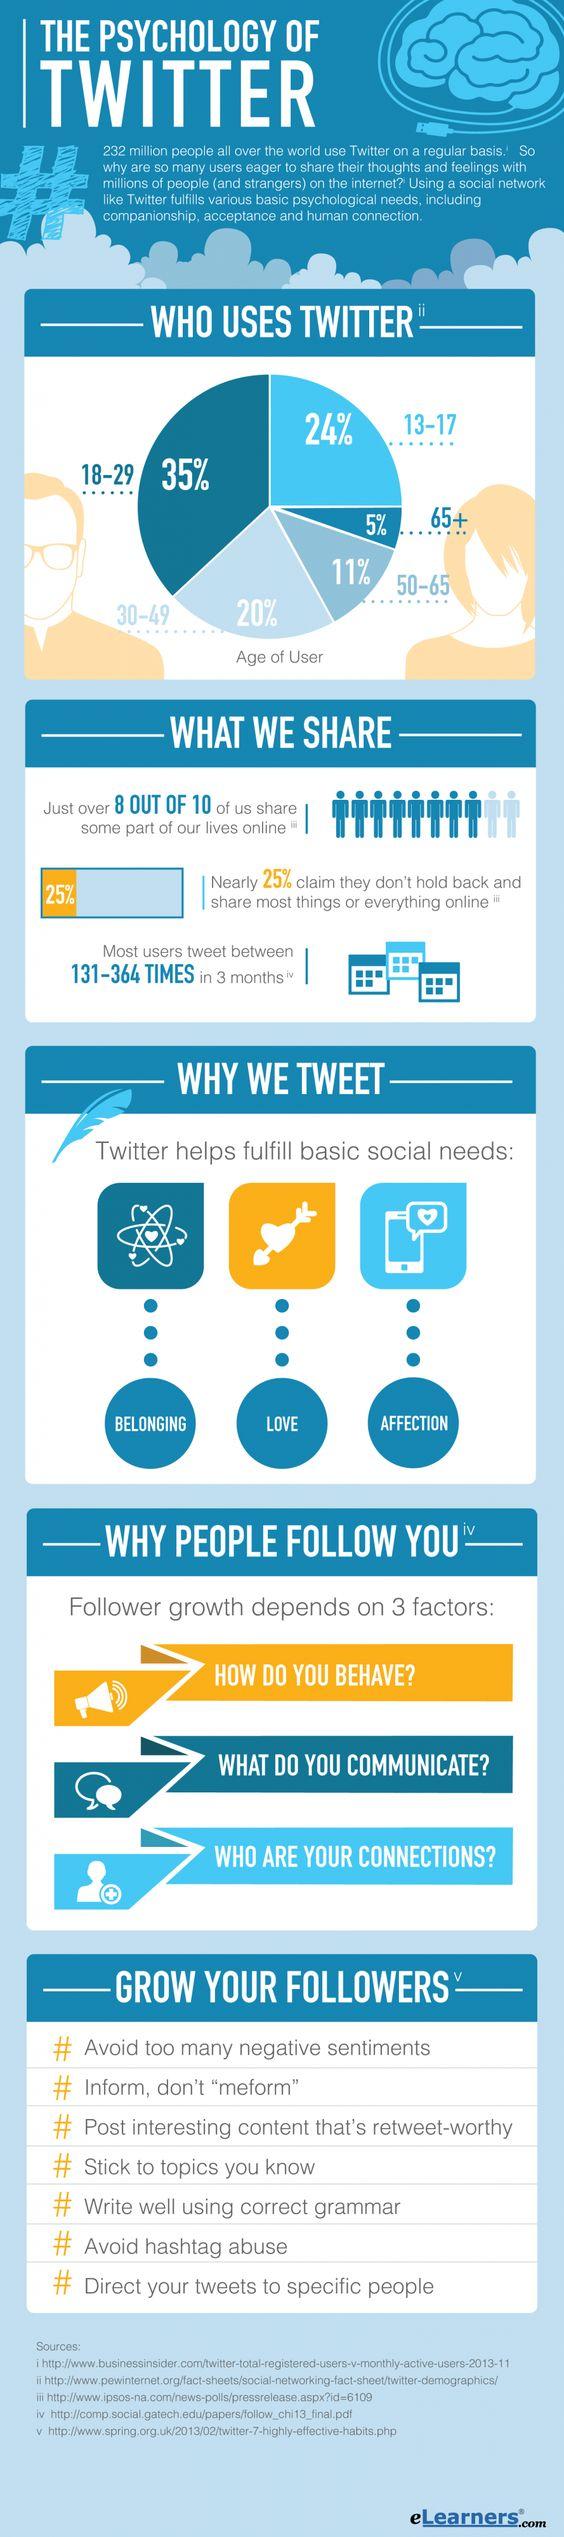 La psicología de Twitter. El qué, porque y cuándo de los Tuits. The psychology of #Twitter ! #SMM #SocialMedia  #MarketingAyuda